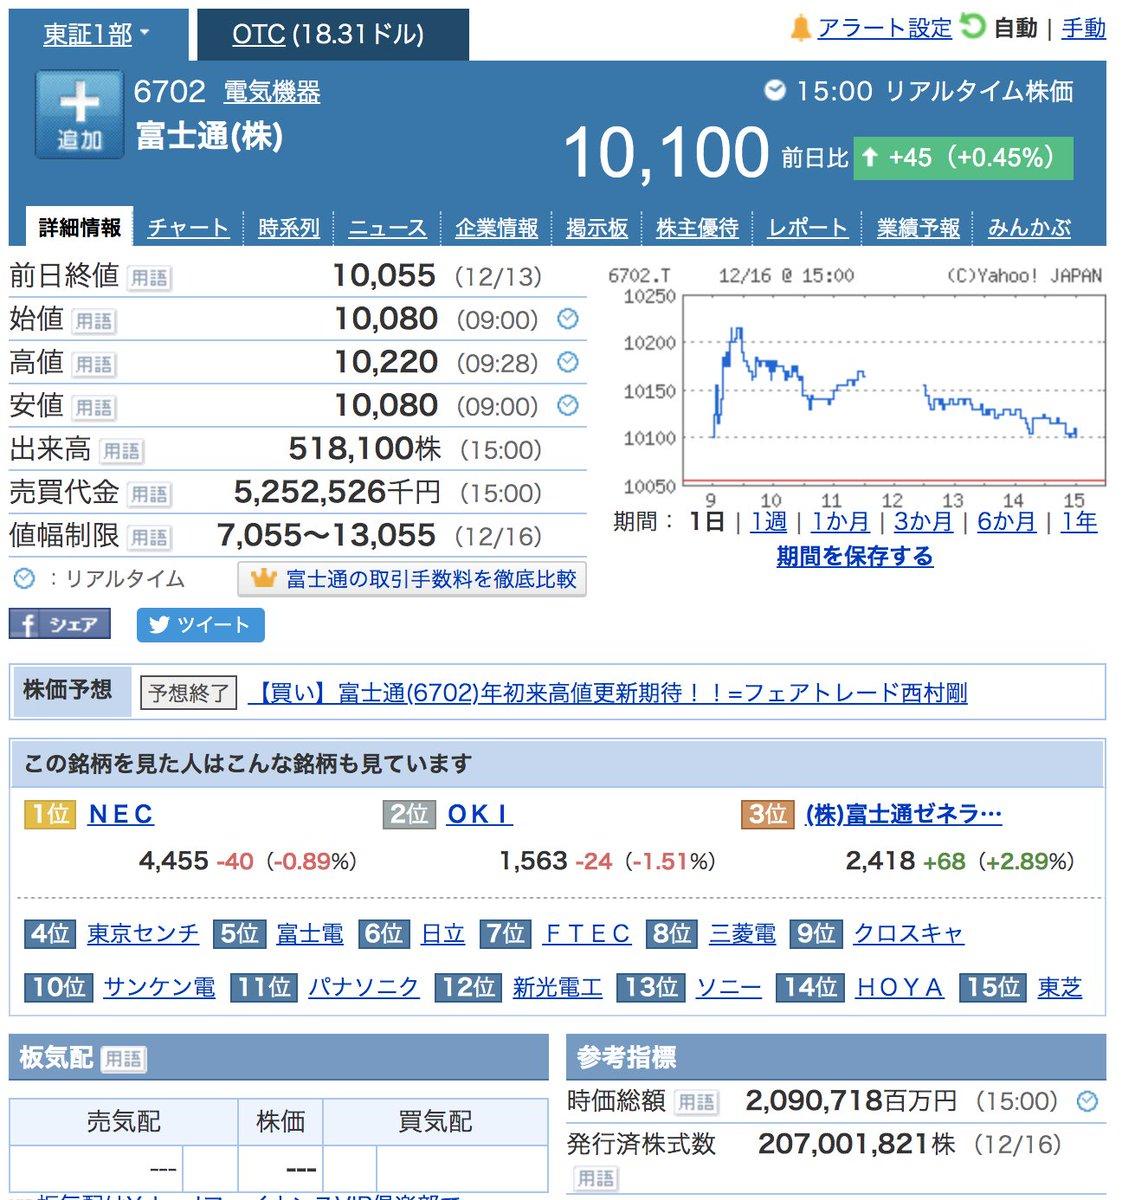 総額 富士通 時価 富士通(6702)の株価 なぜ高い?上昇理由、買い時は?